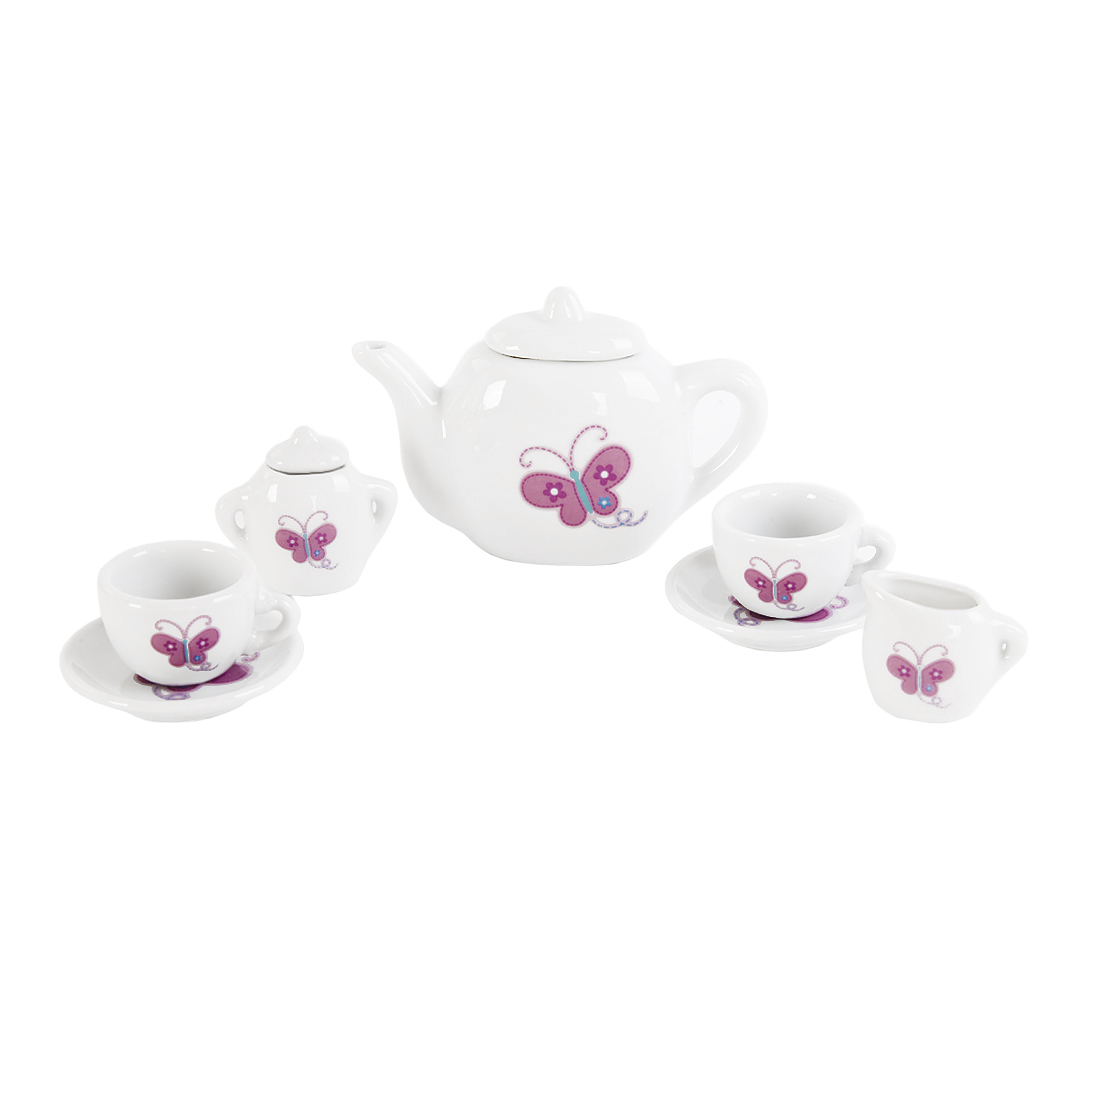 Посуда и наборы продуктов Mary Poppins Набор посуды Mary Poppins «Пирожные» фарфоровый 9 пр. эклеры и другие домашние пирожные